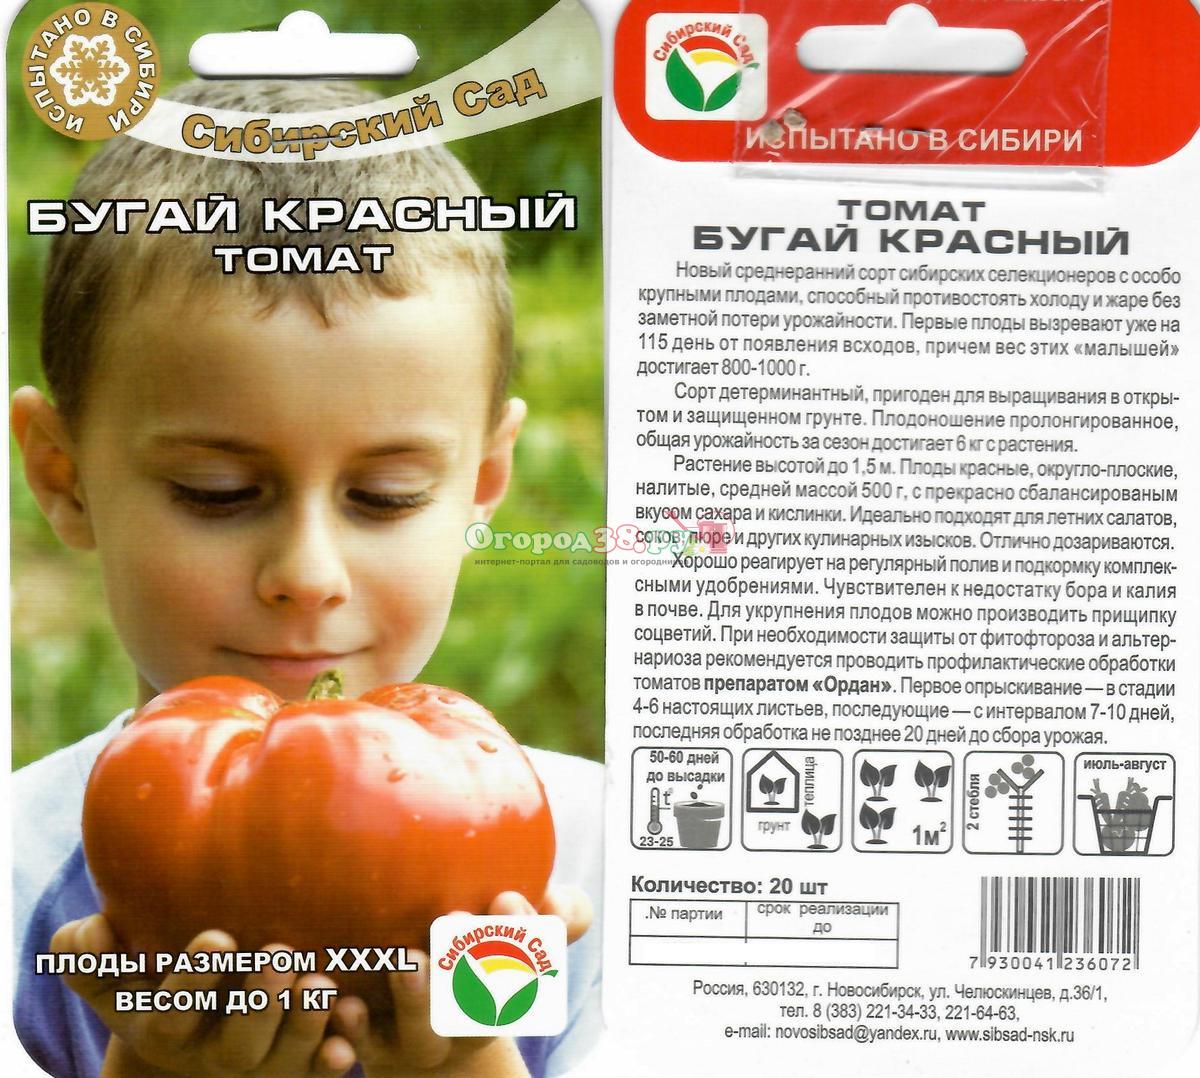 Особенности томатов: популярные сорта, уход, болезни